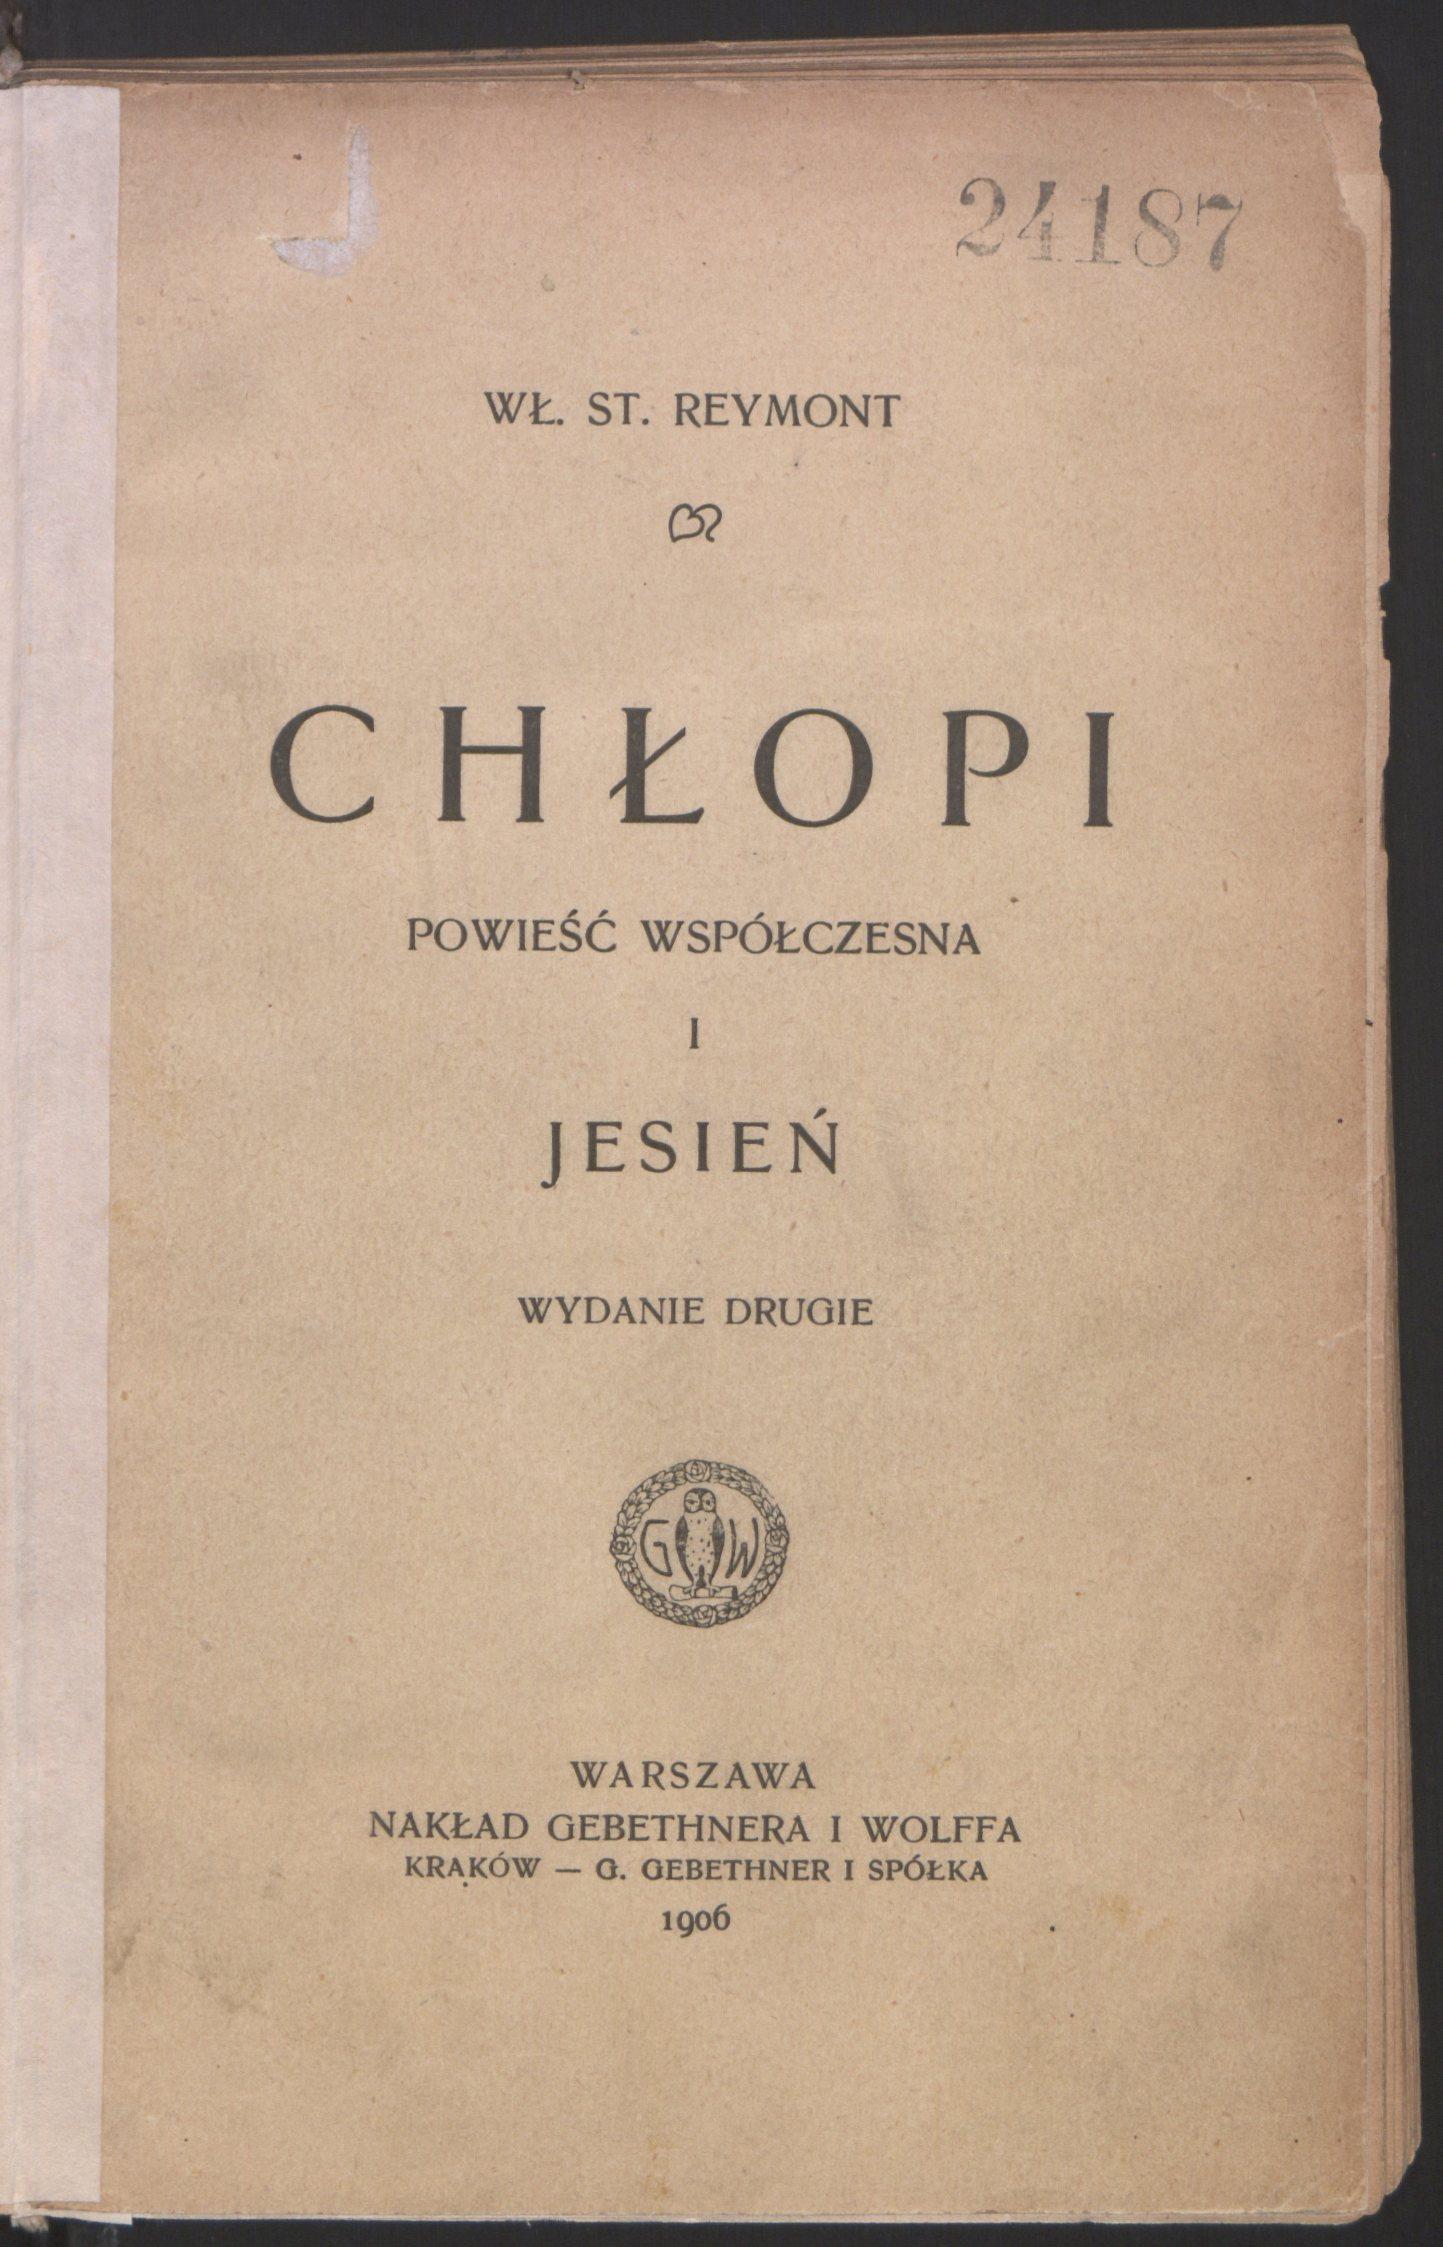 Modernistyczne Władysław Stanisław Reymont (właściwie Stanisław Władysław Rejment) WY01